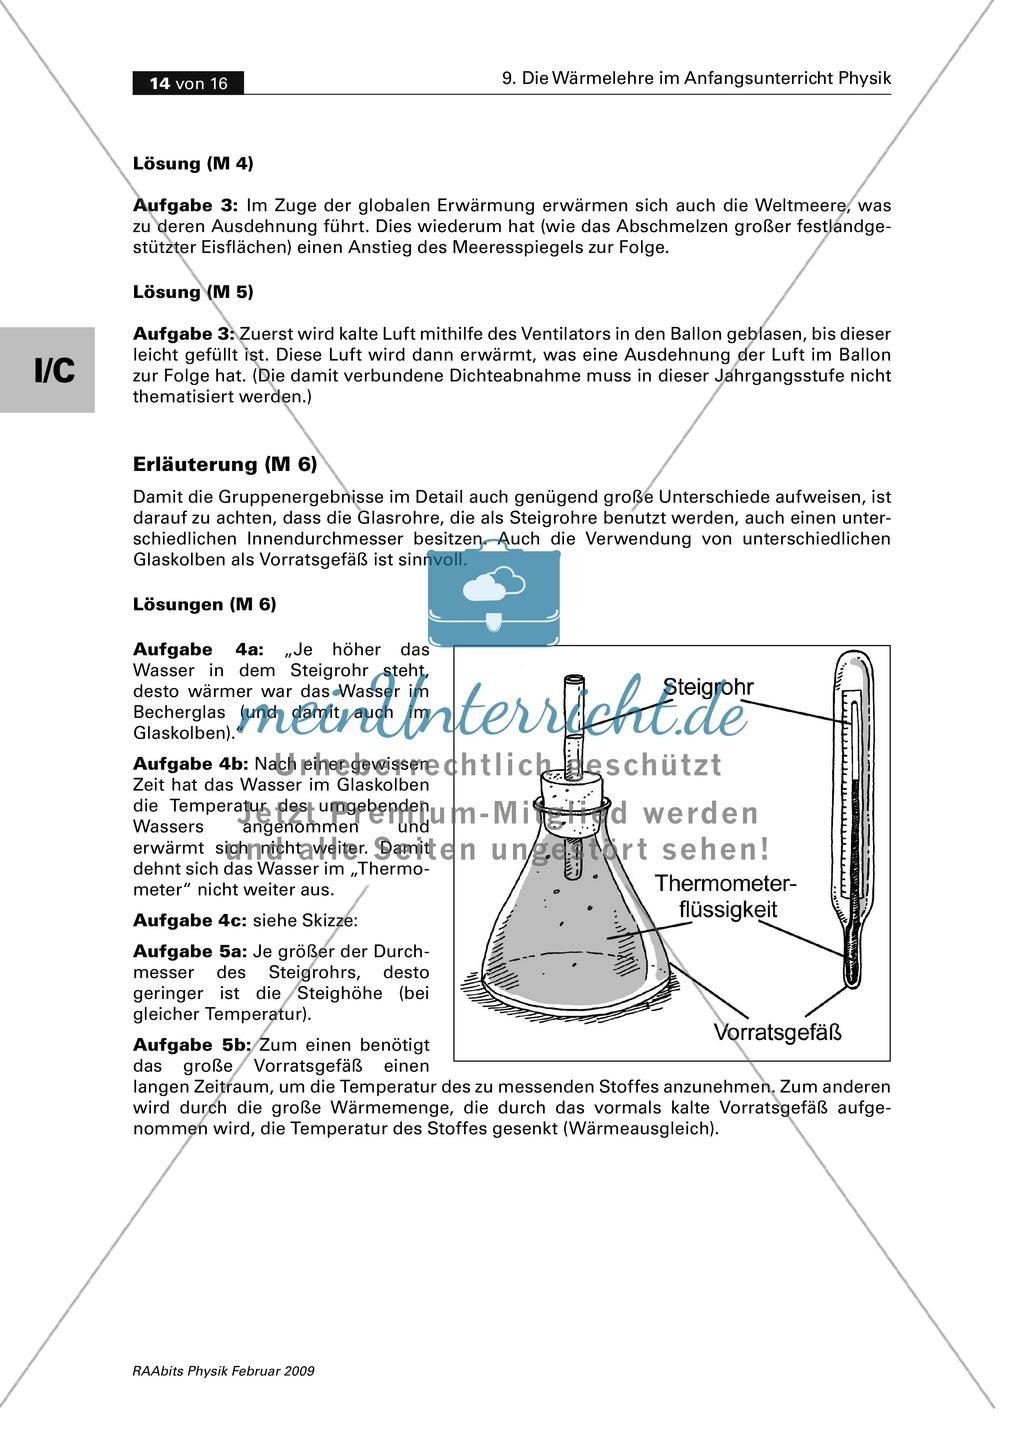 Die Wärmelehre: Thermometer - Bau + Geschichte + Skalen + Typen Preview 5